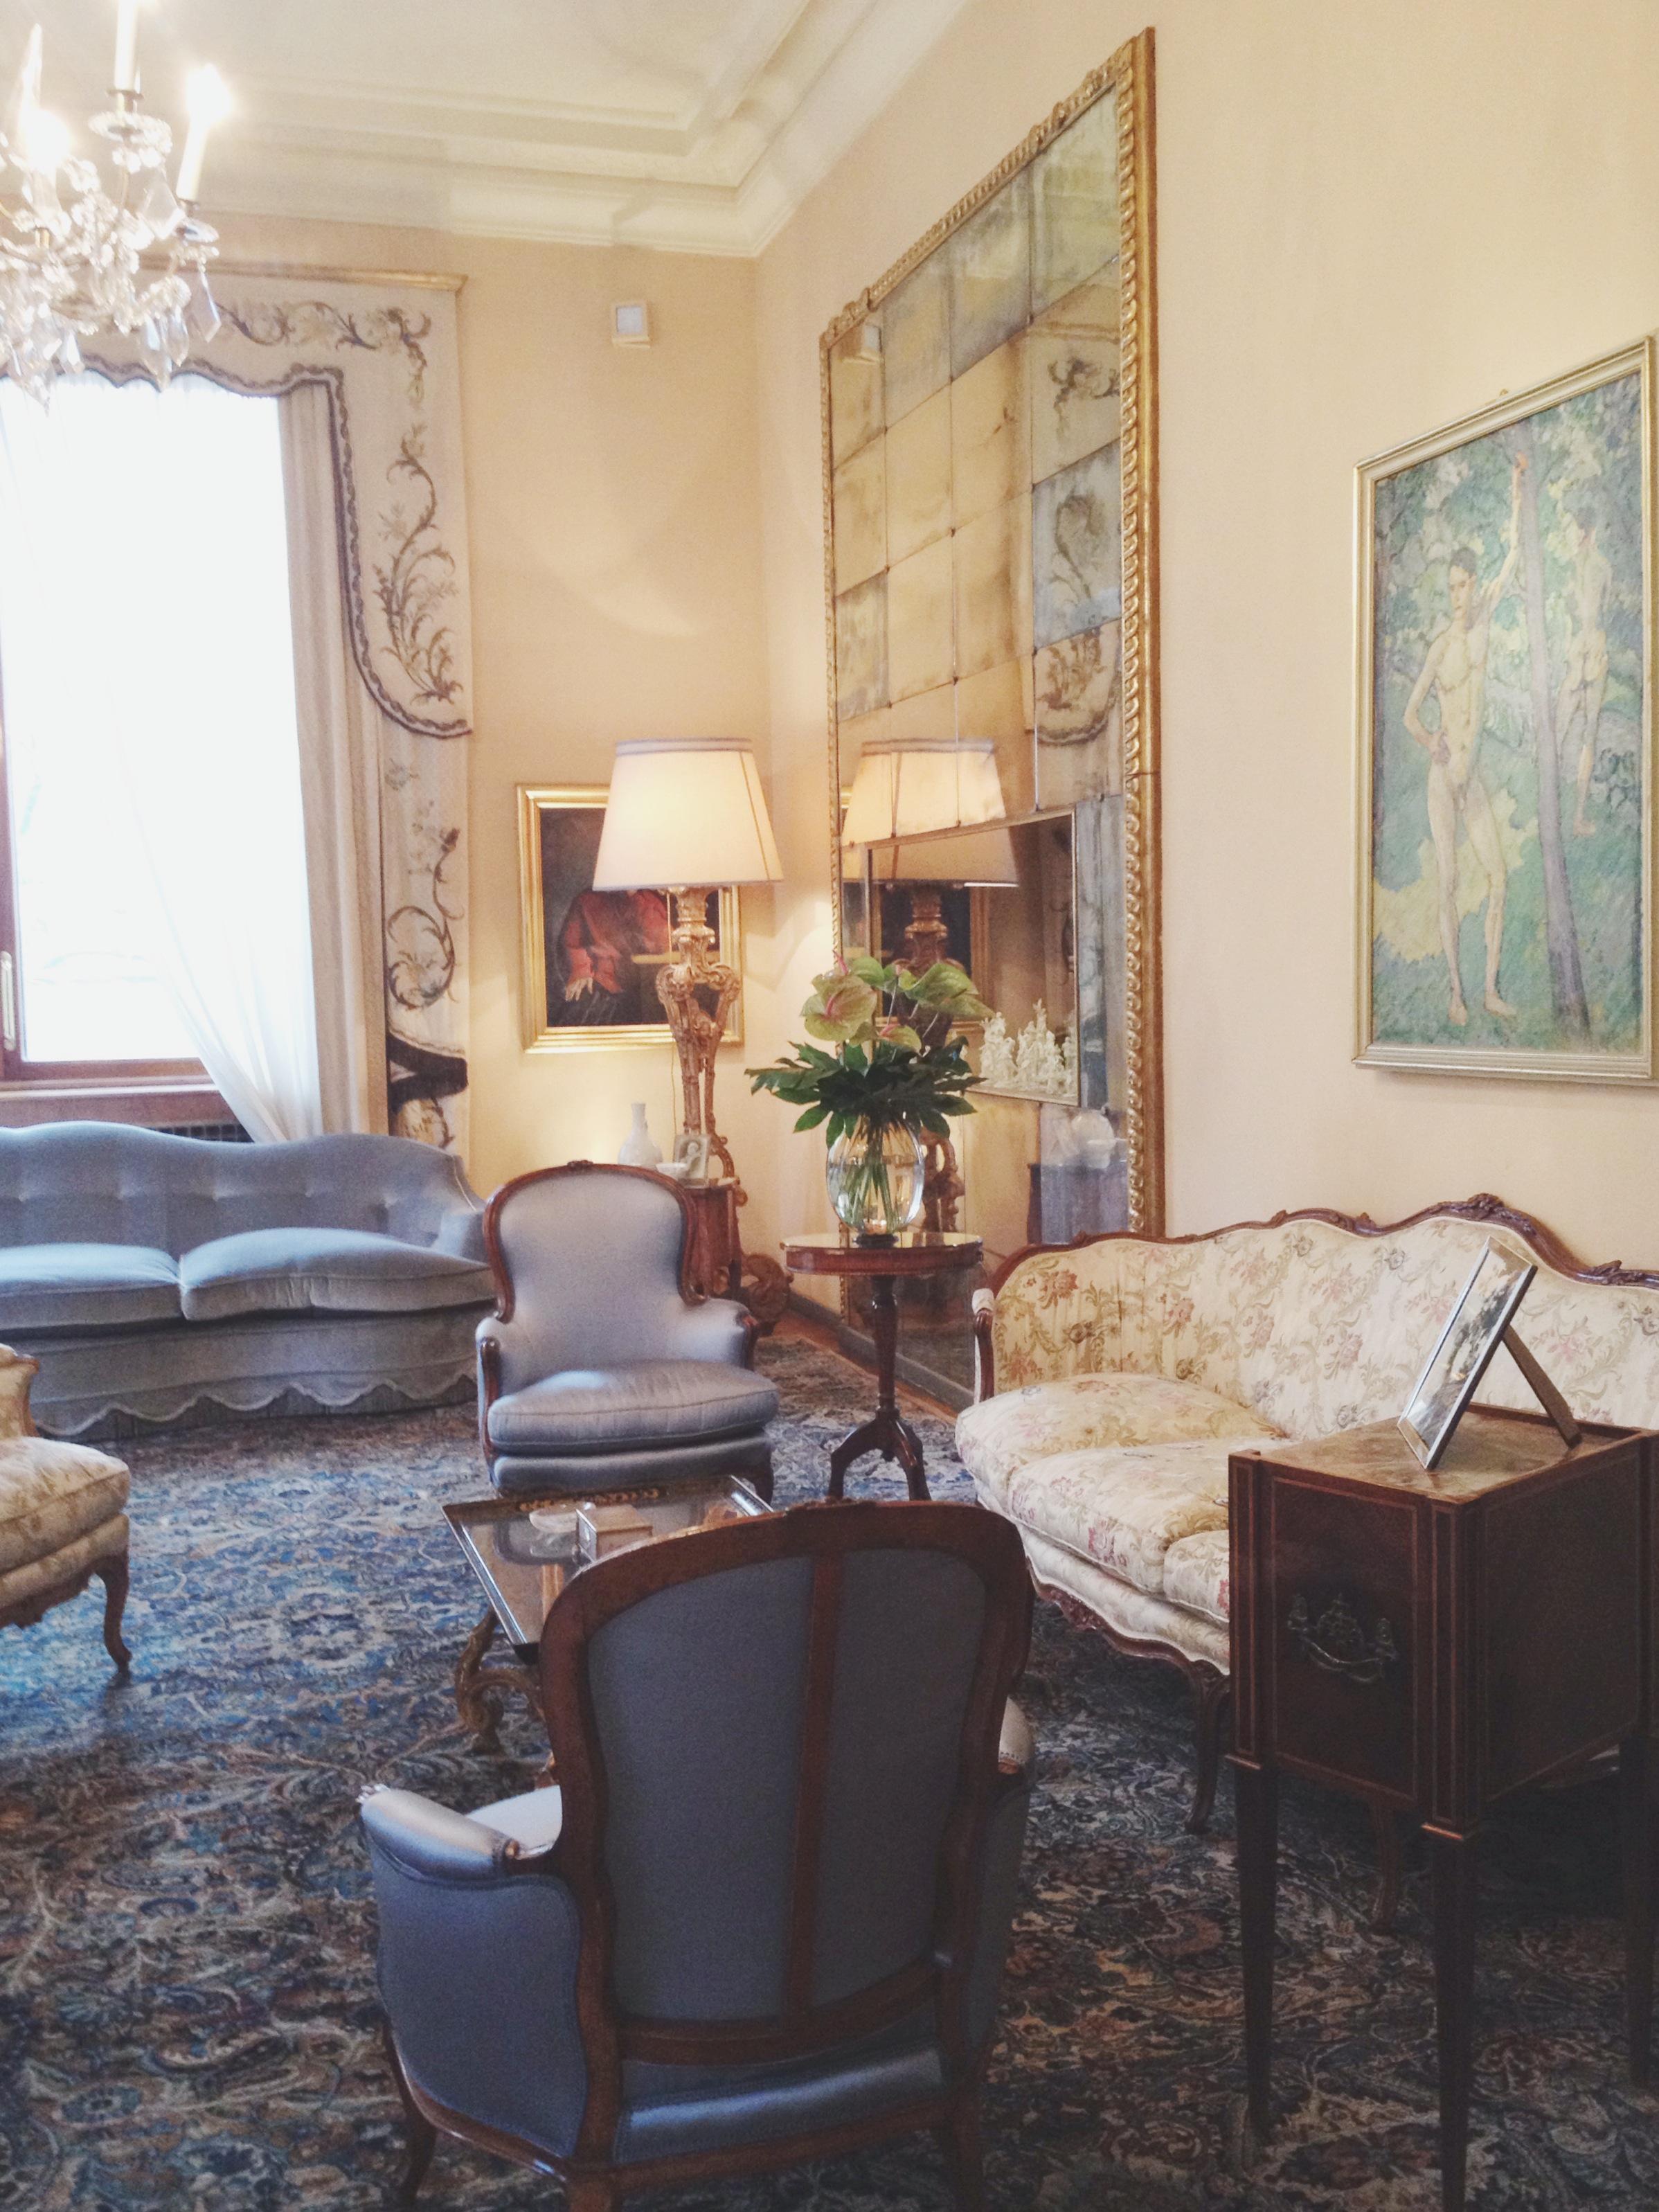 Villa necchi campiglio milan by piero portaluppi cate for Villa mozart milano